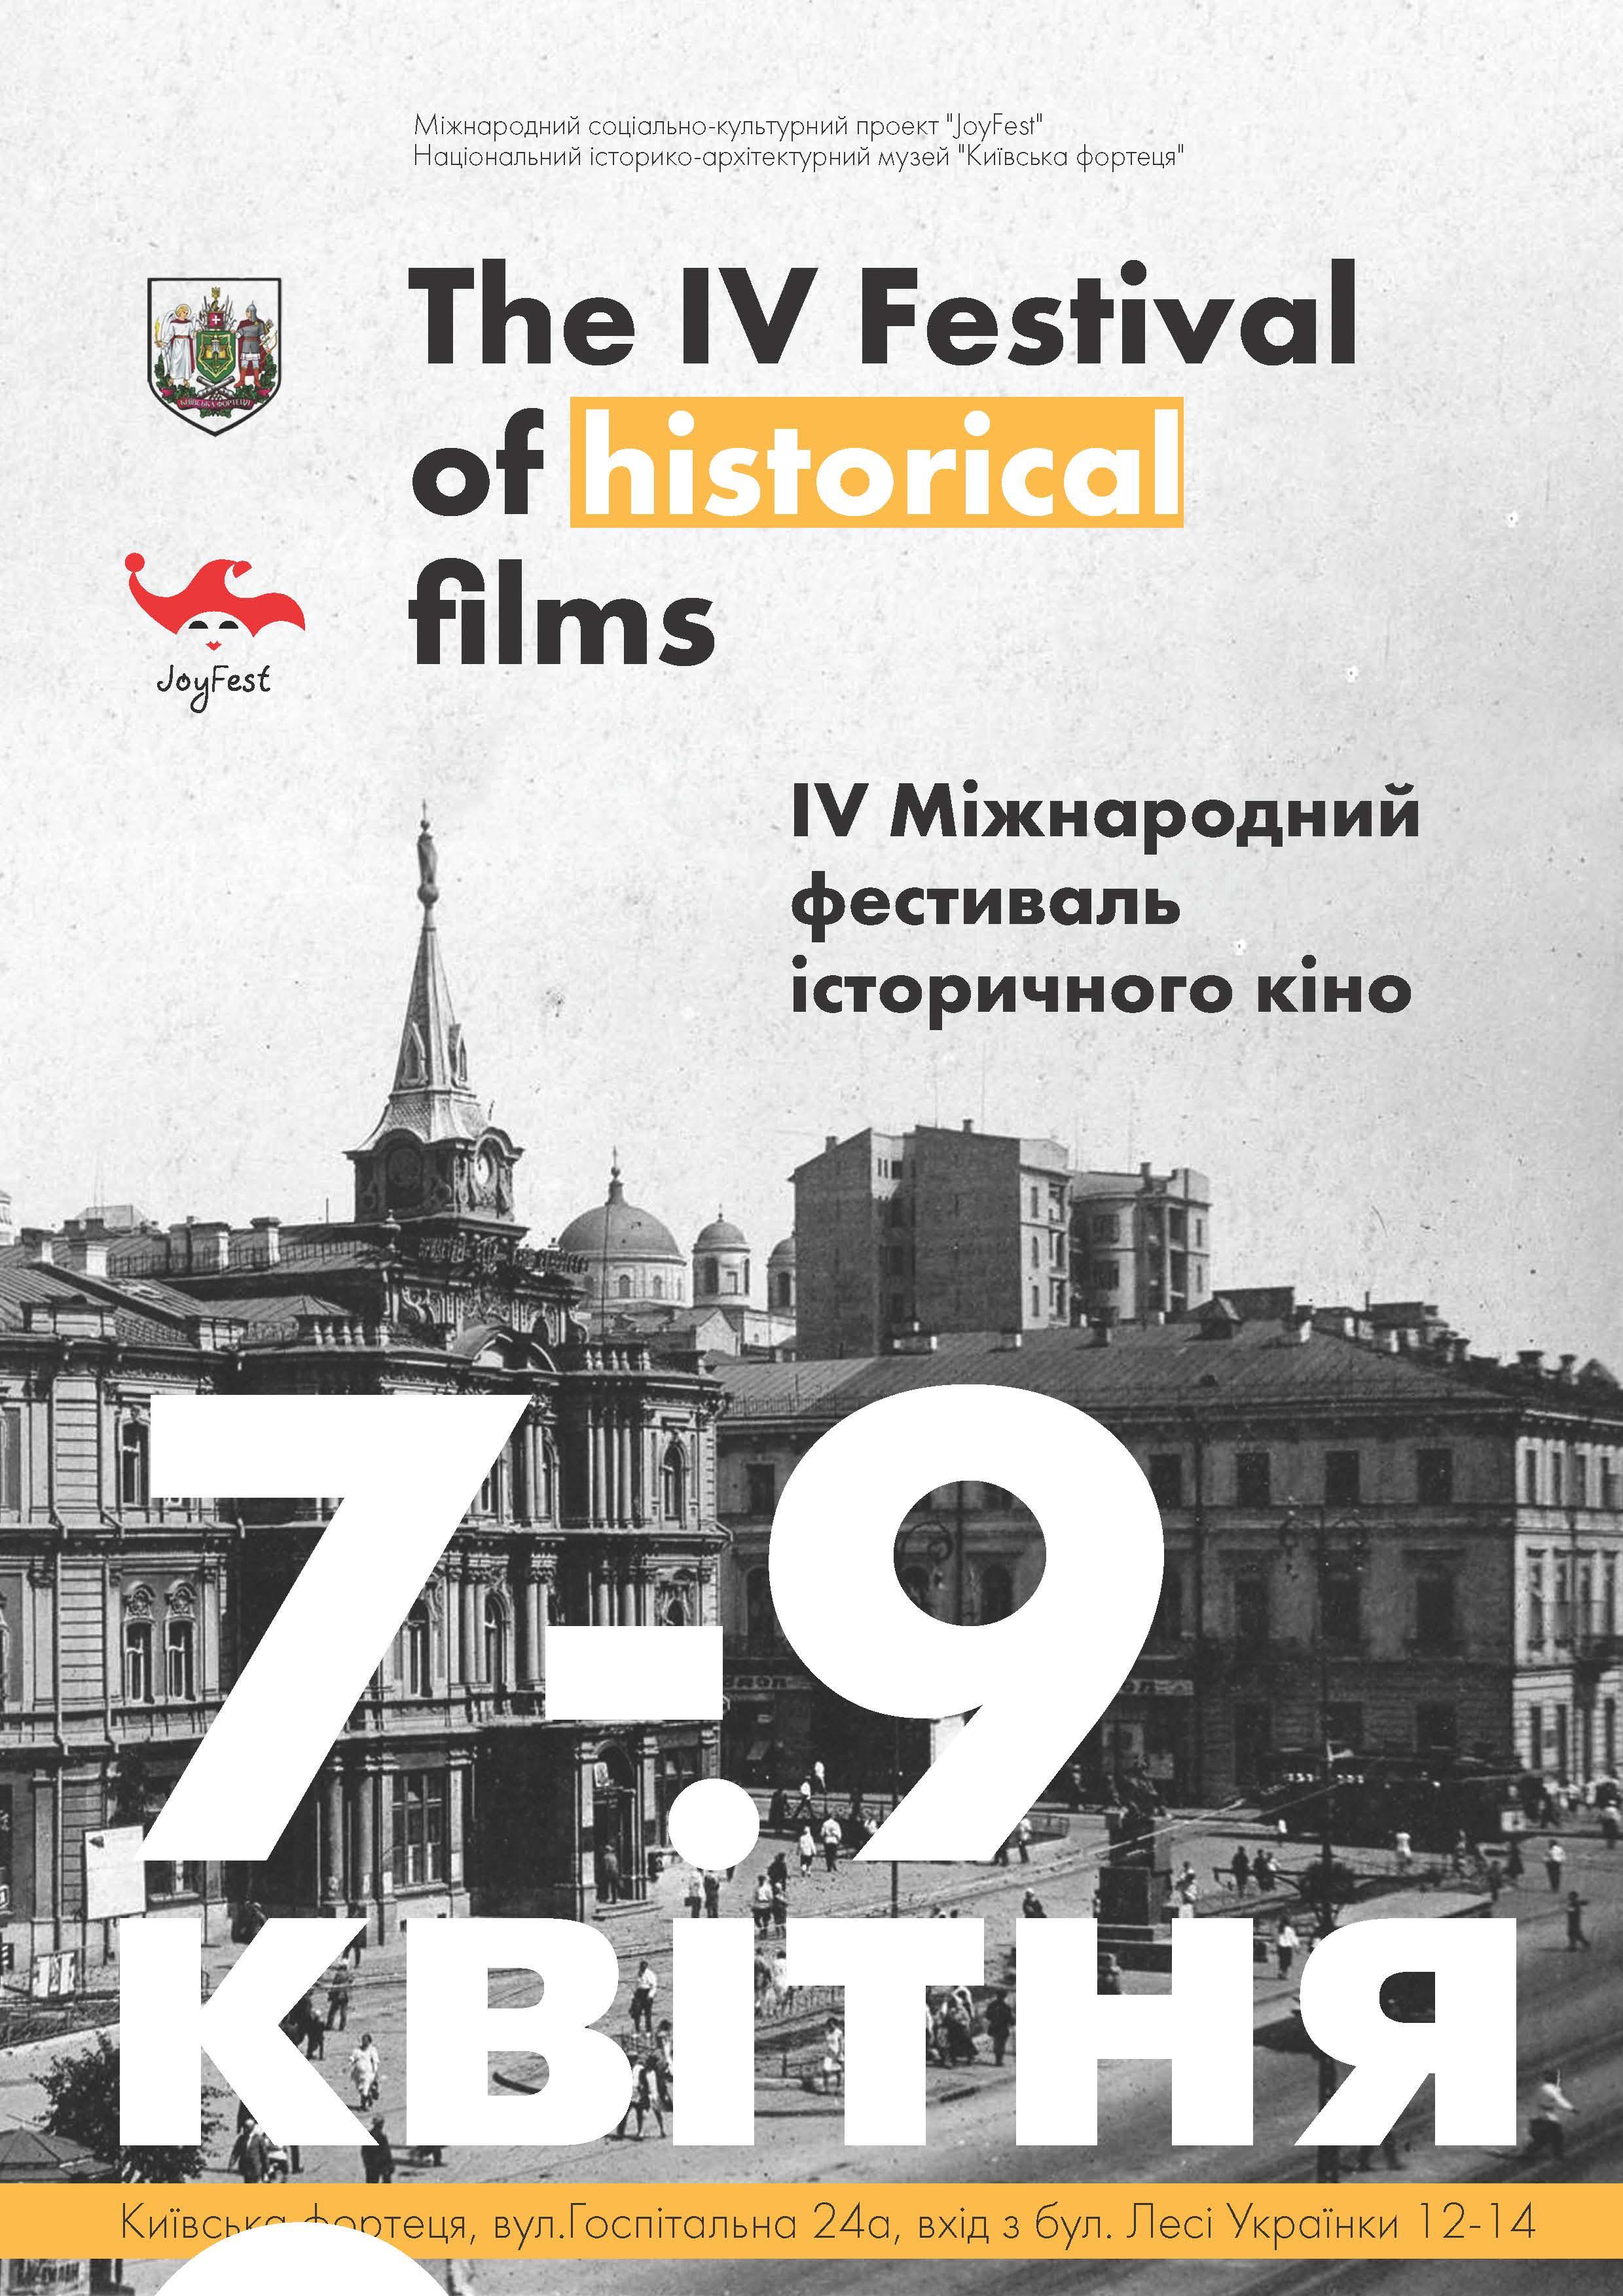 IV Міжнародний фестиваль історичного кіно в Київській фортеці